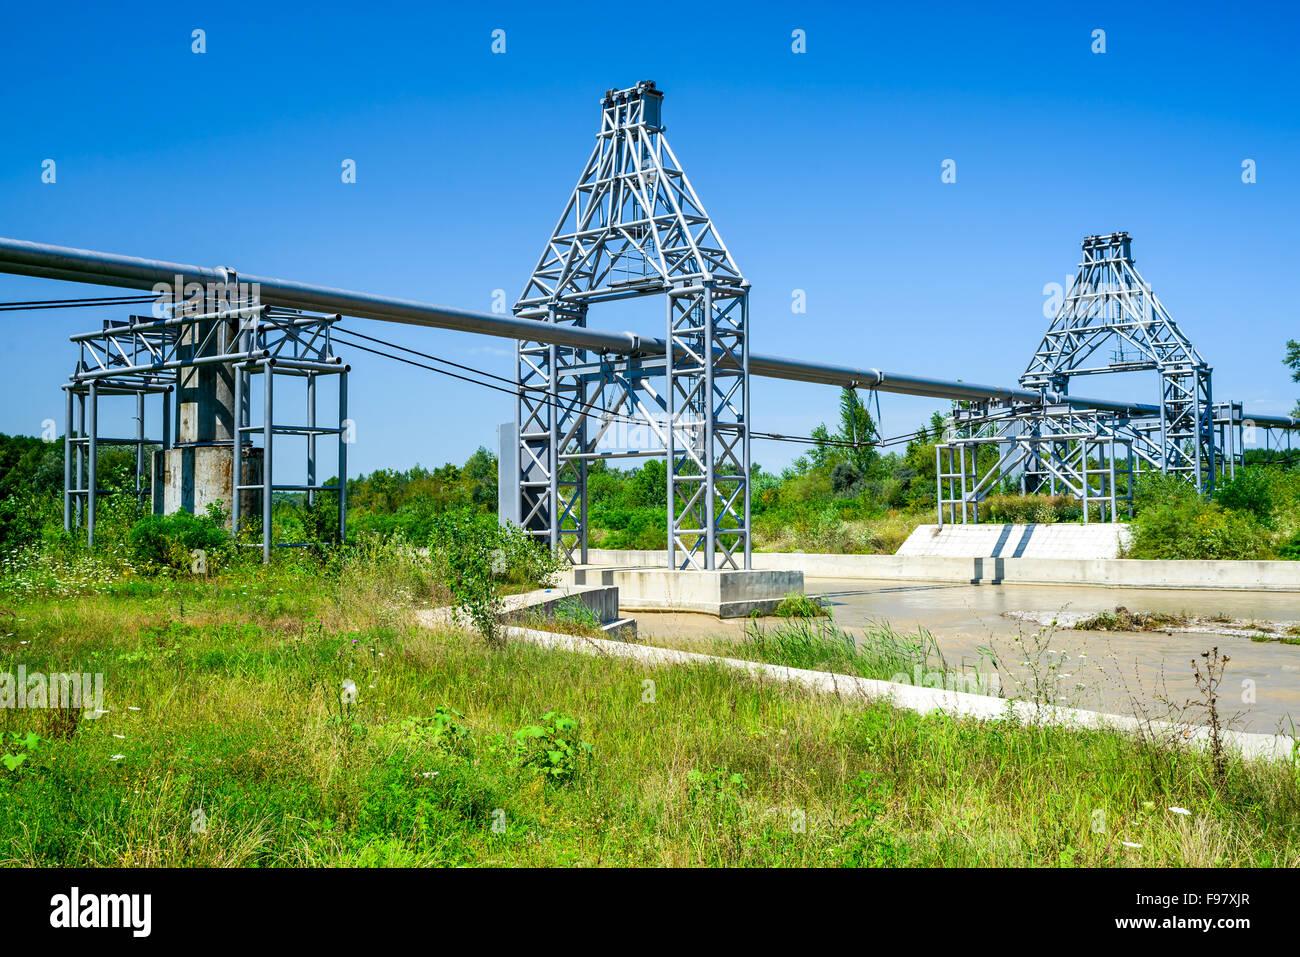 Tubazione gas di linee che prevista attraverso il fiume fangoso e foresta verde in scenario estivo, Romania. Immagini Stock